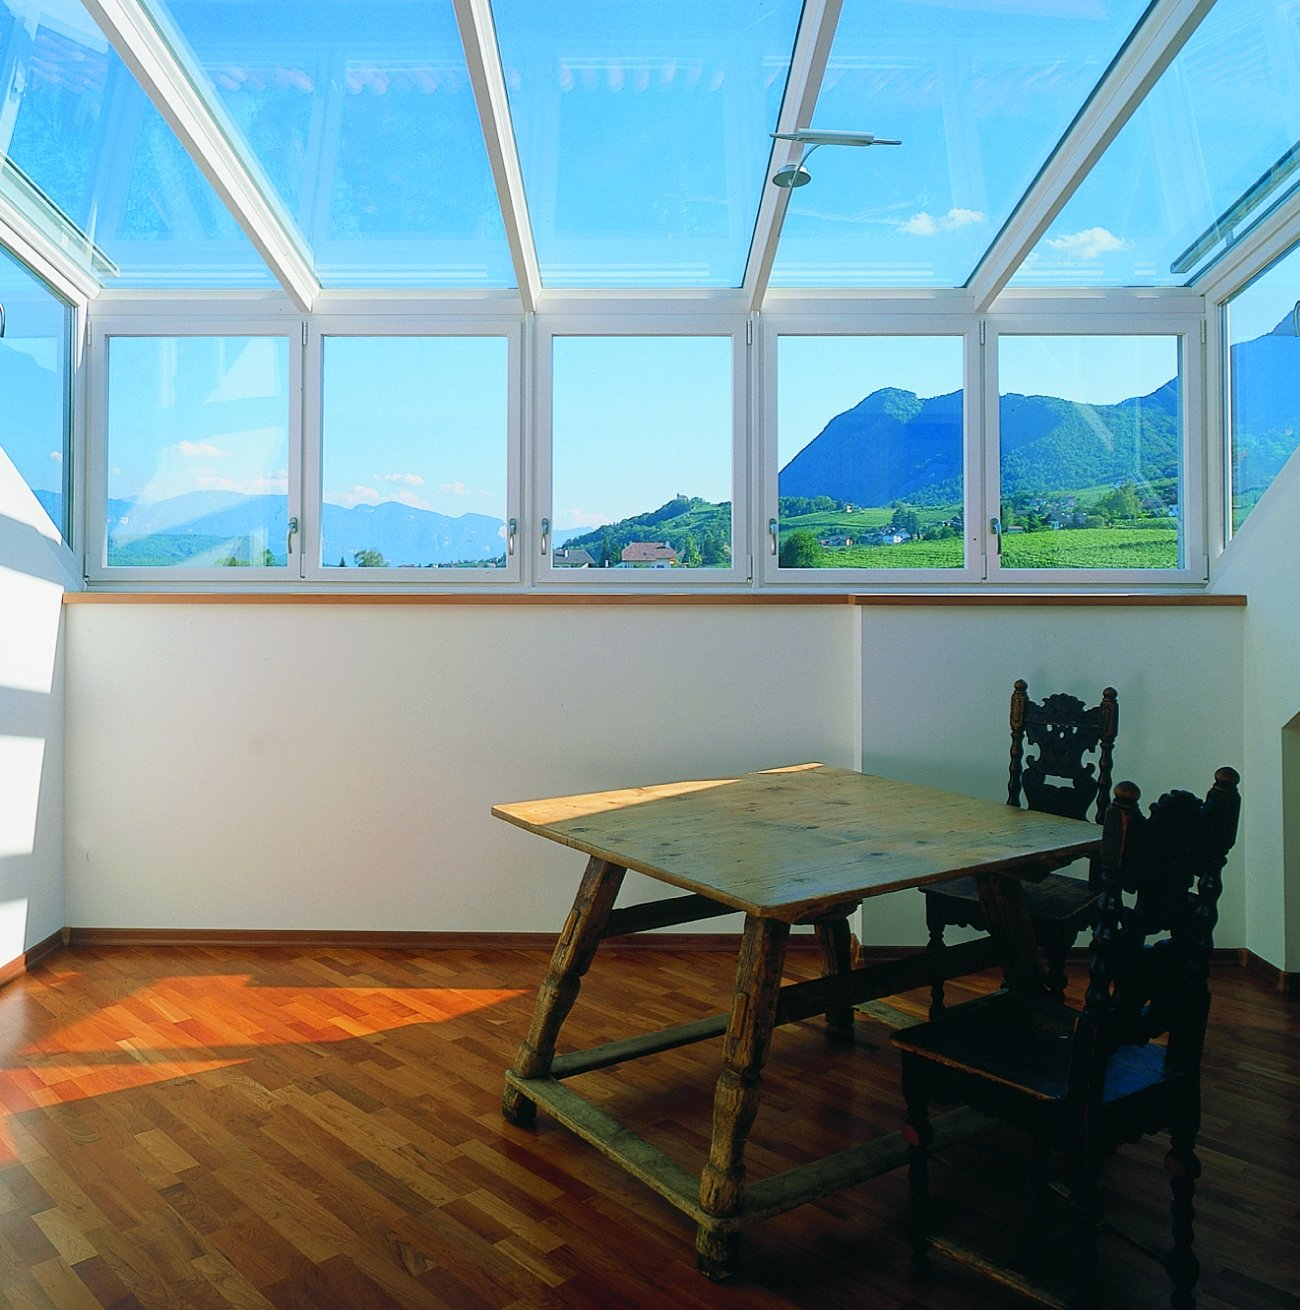 Sfruttare il sottotetto si pu ma attenti alle norme - Alzare il tetto di casa ...